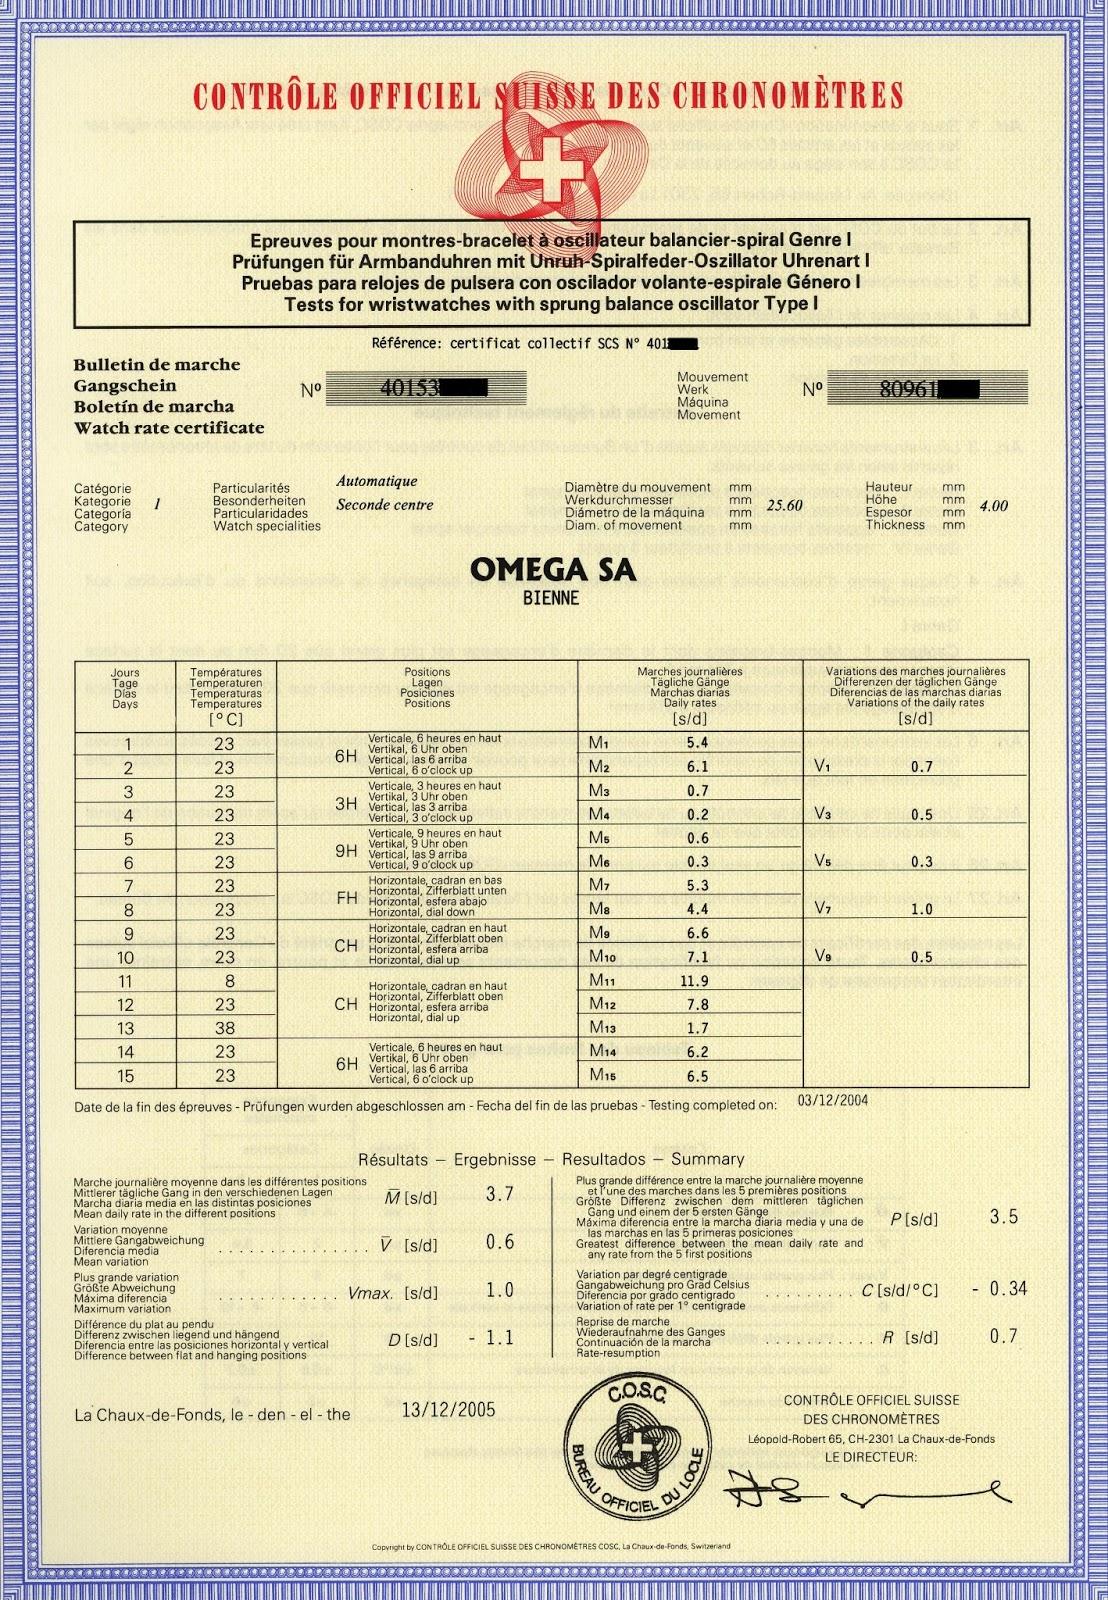 COSC certificate